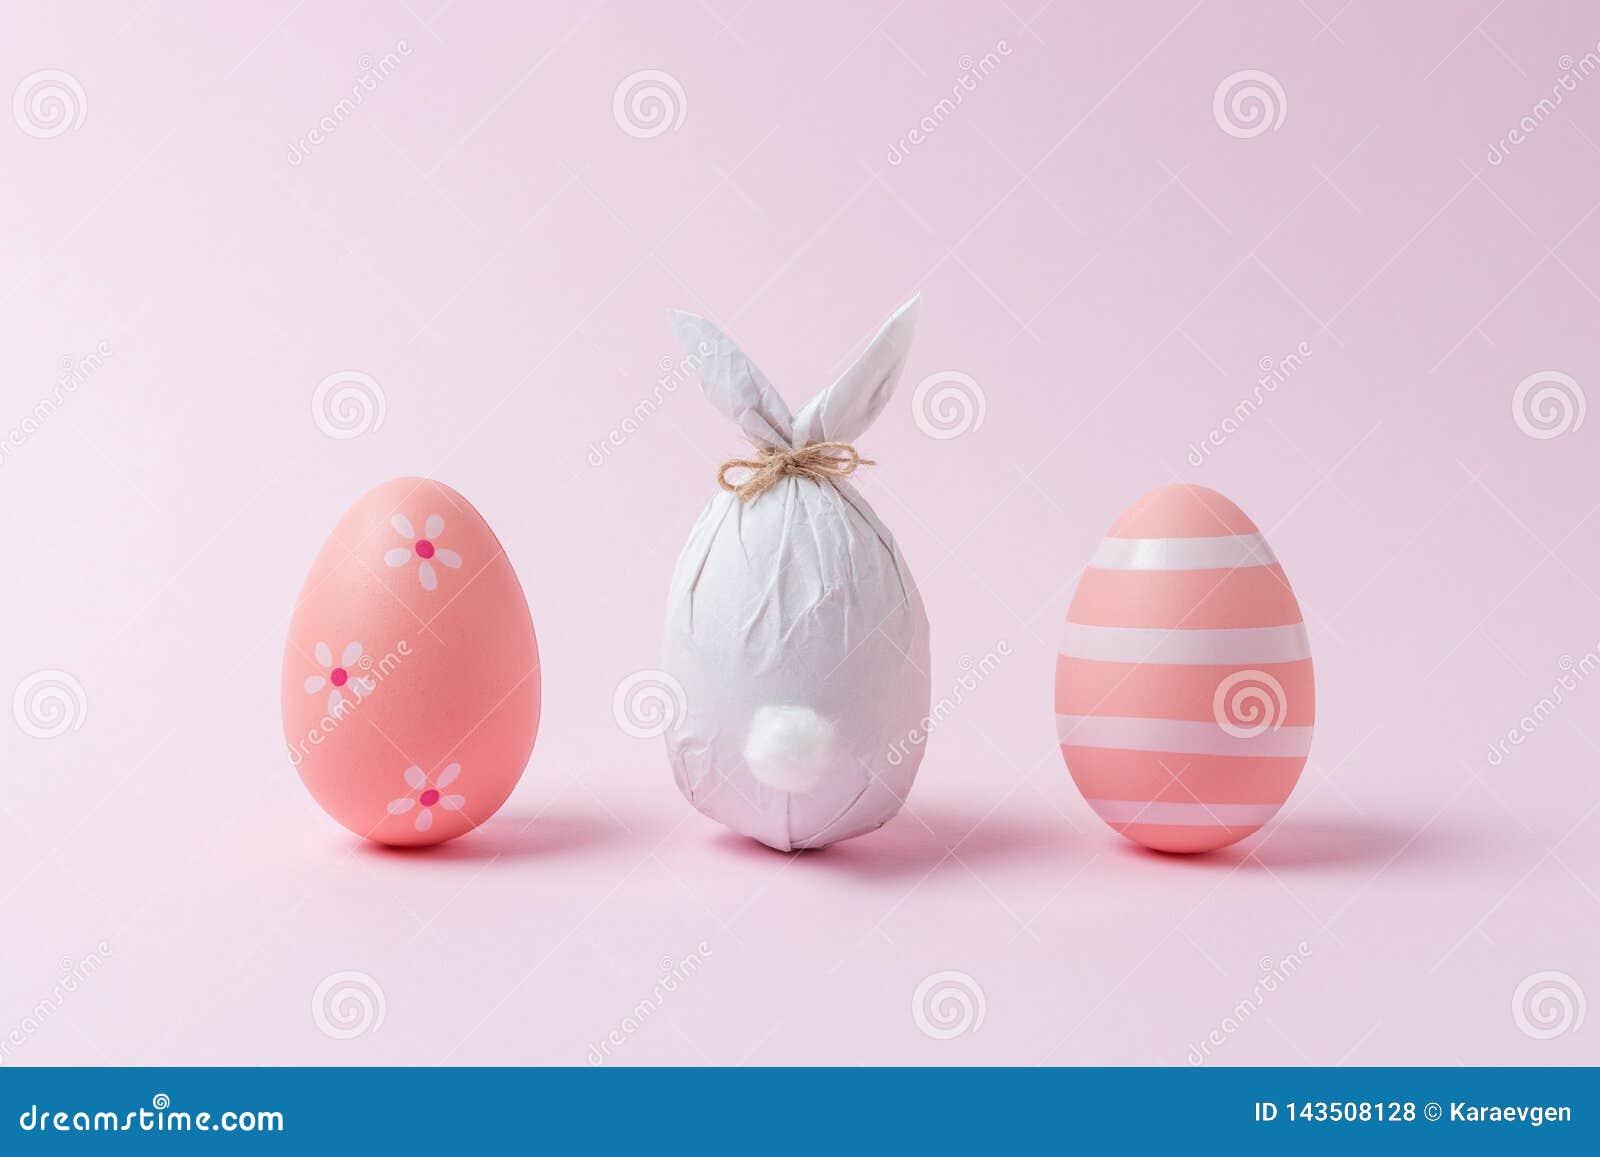 Osterei eingewickelt in einem Papier in Form eines Häschens mit bunten Ostereiern Minimales Ostern-Konzept